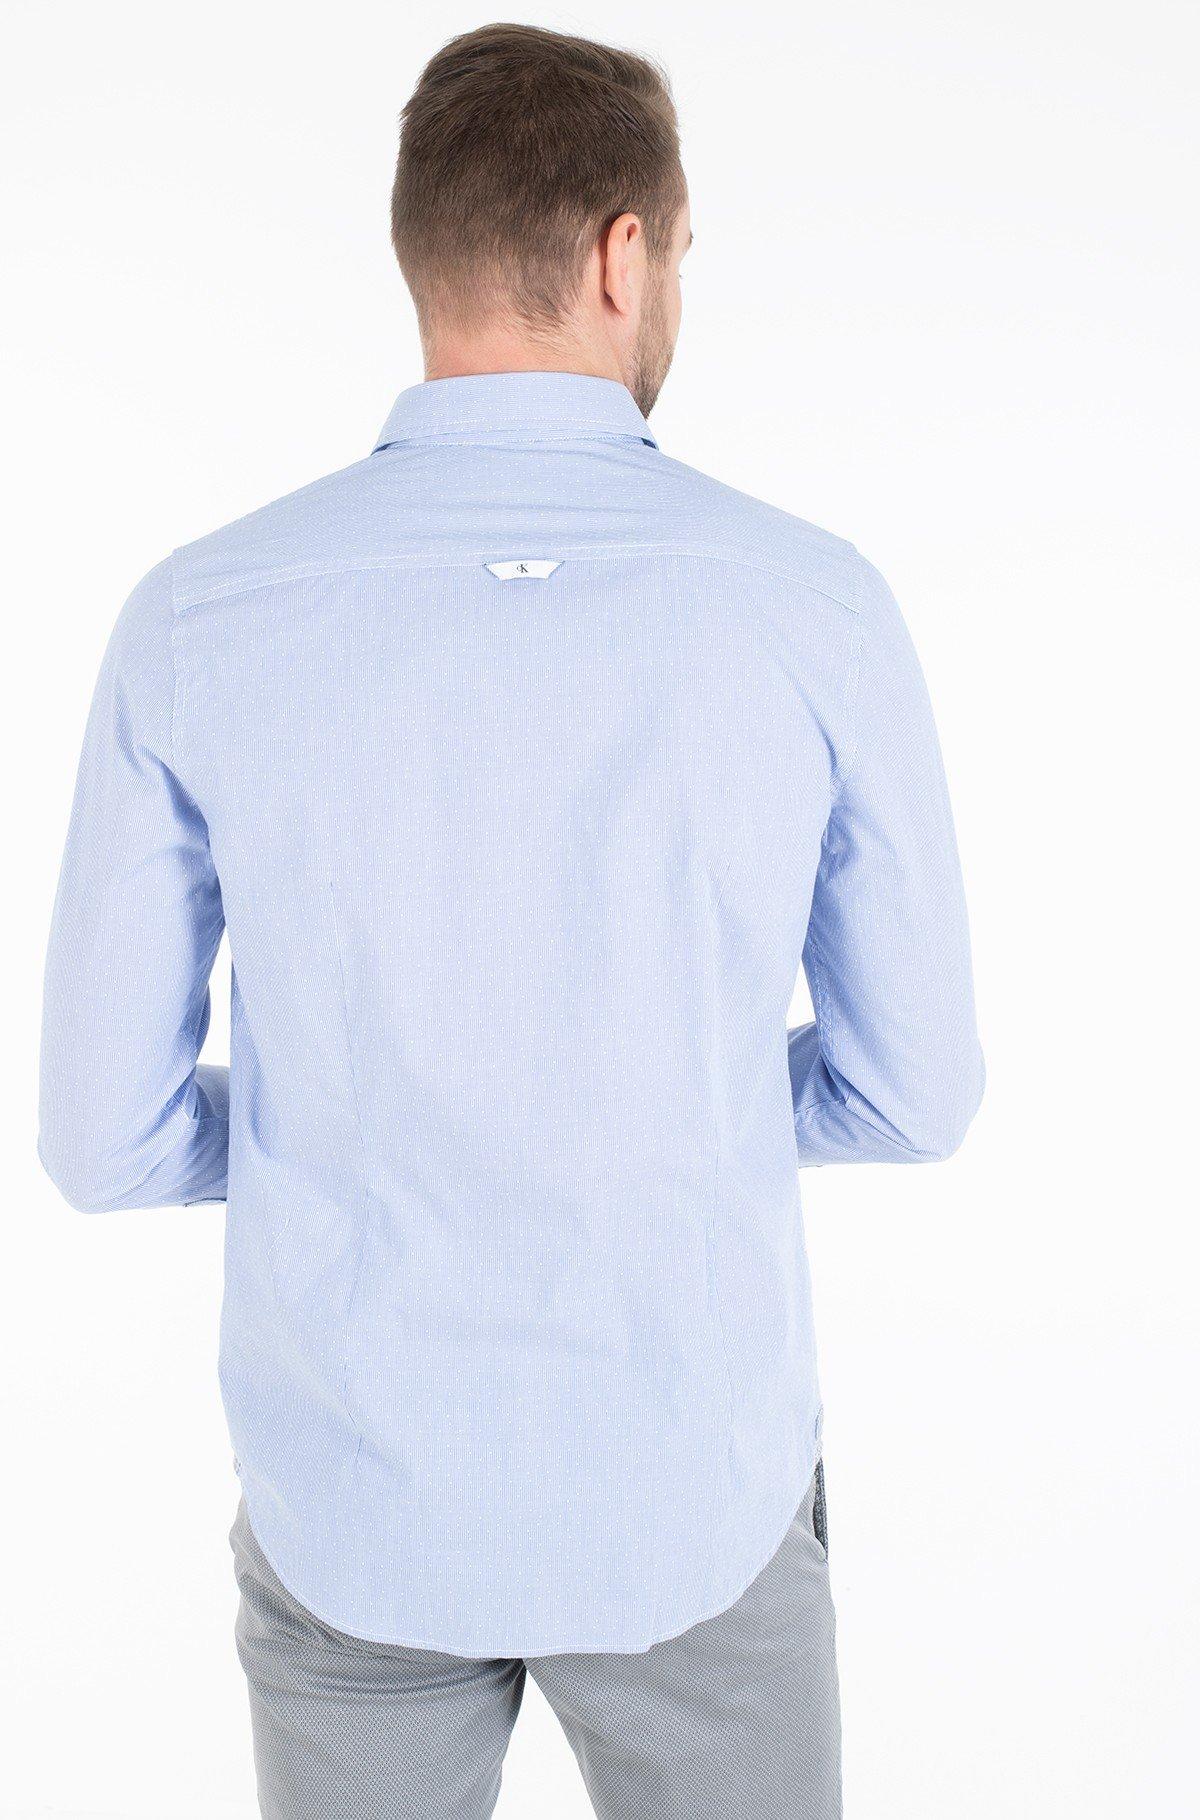 Marškiniai DOBBY SLIM STRETCH-full-2